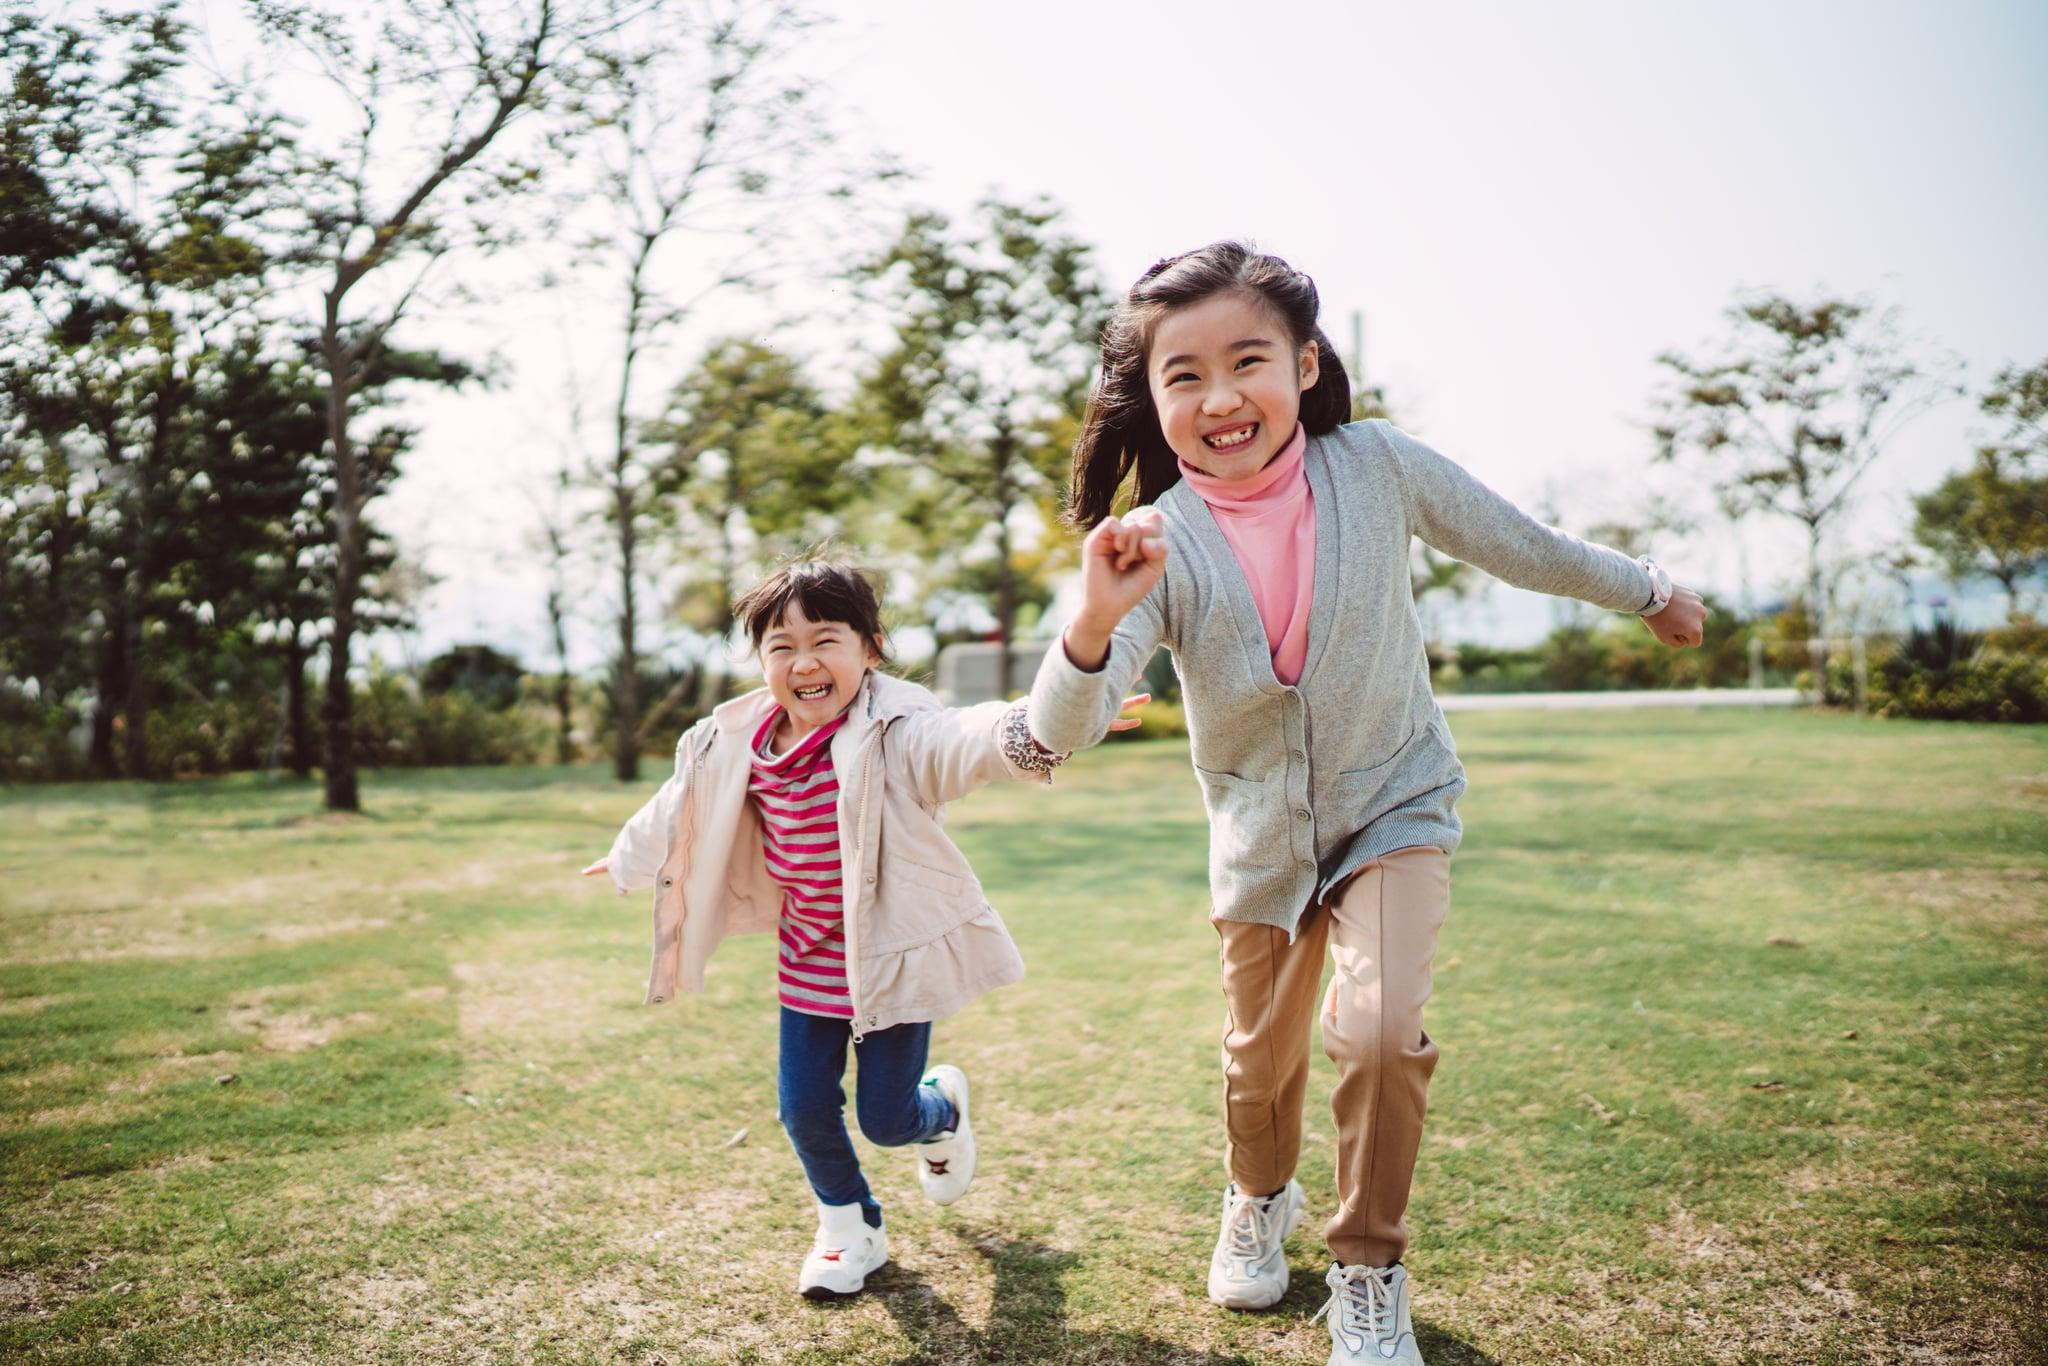 Lovely sisters running joyfully in park